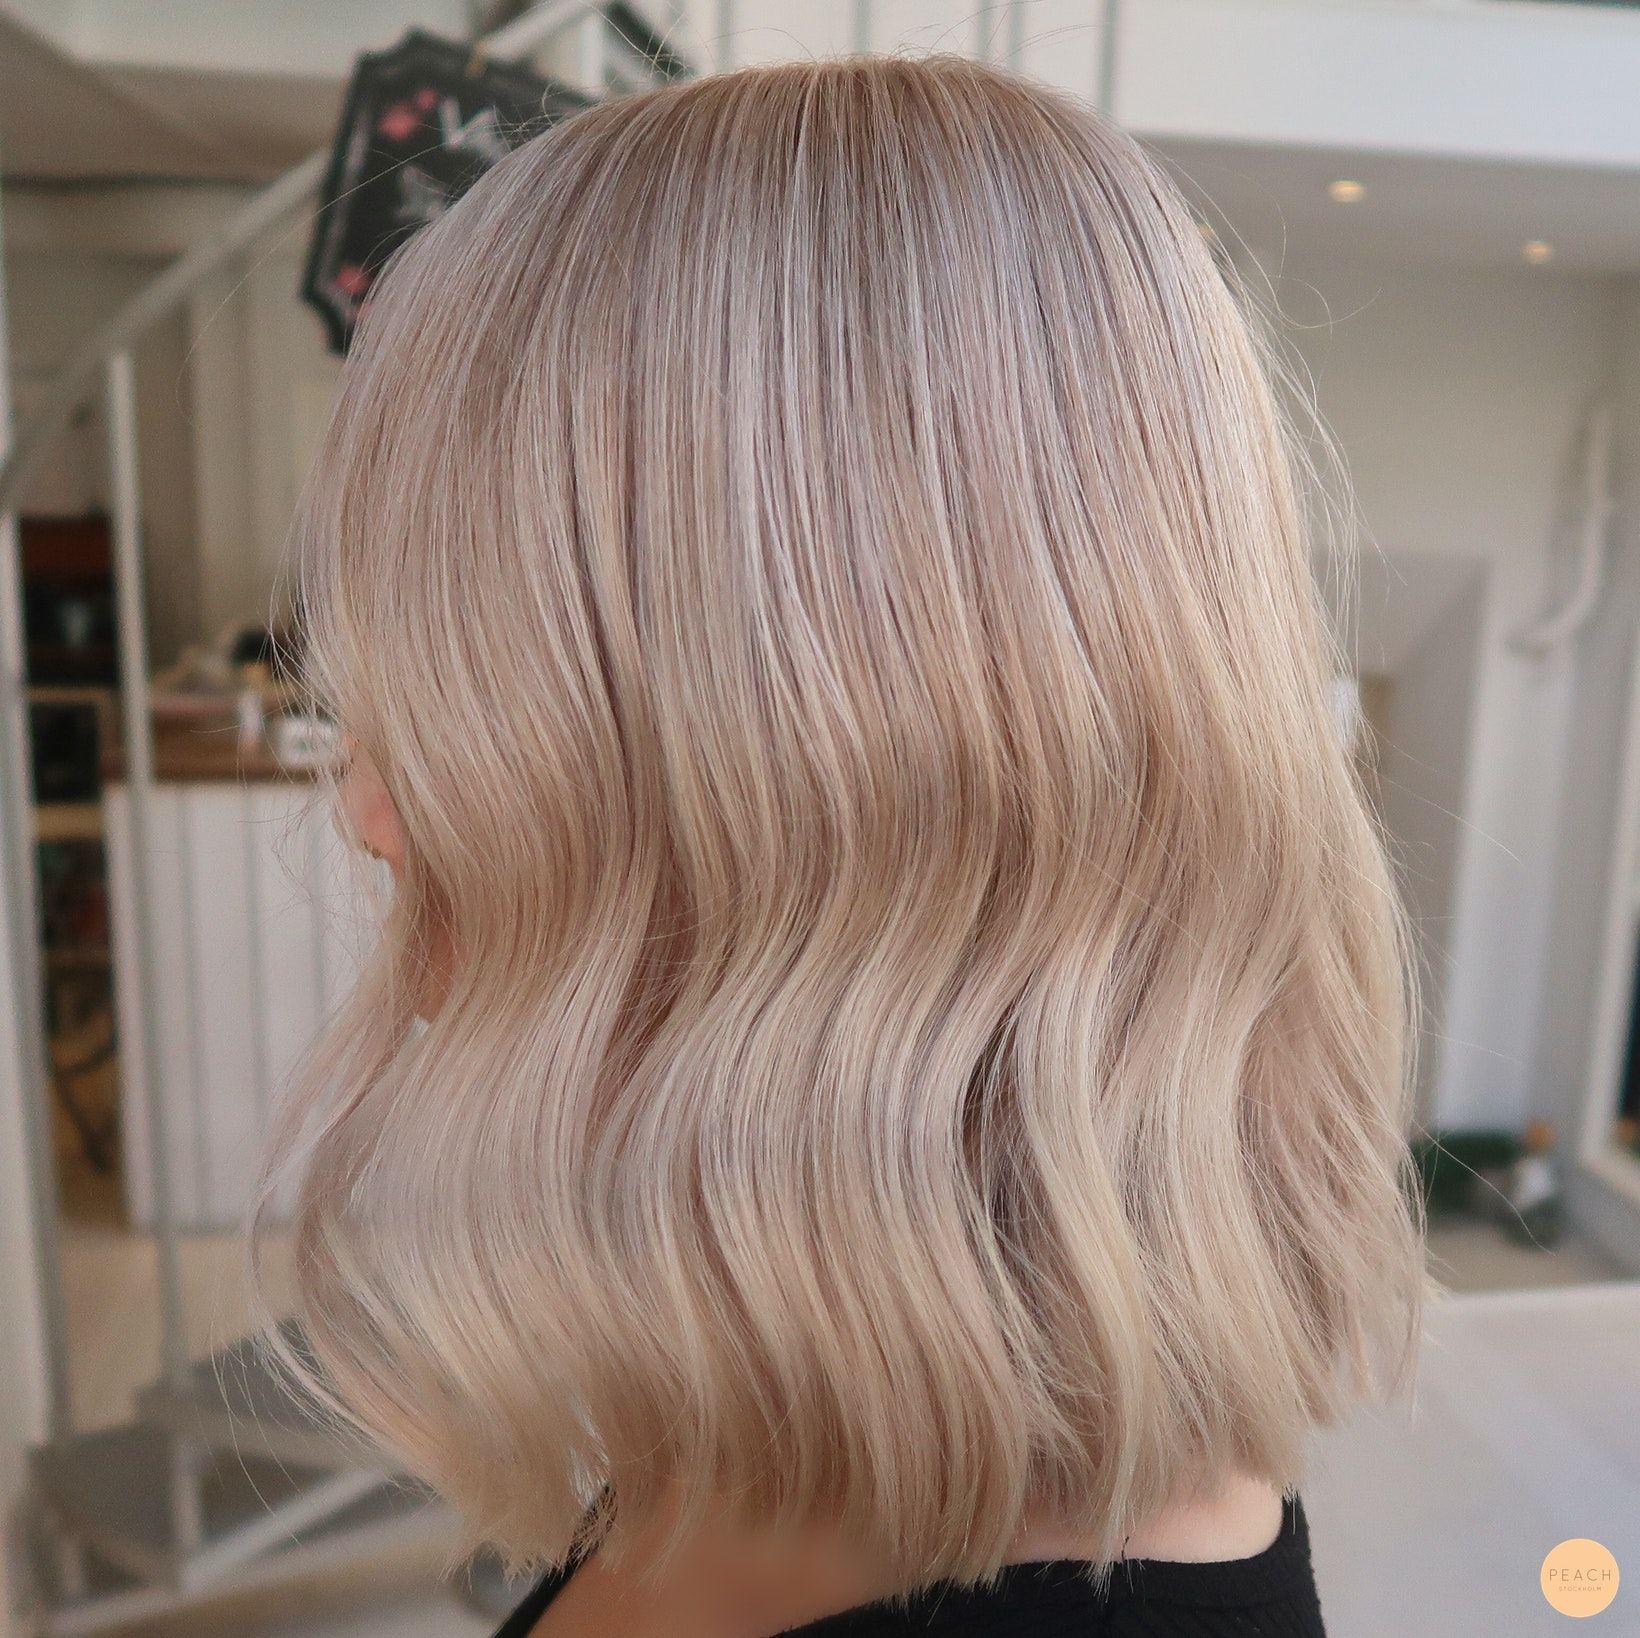 Sommarblond hårfärg